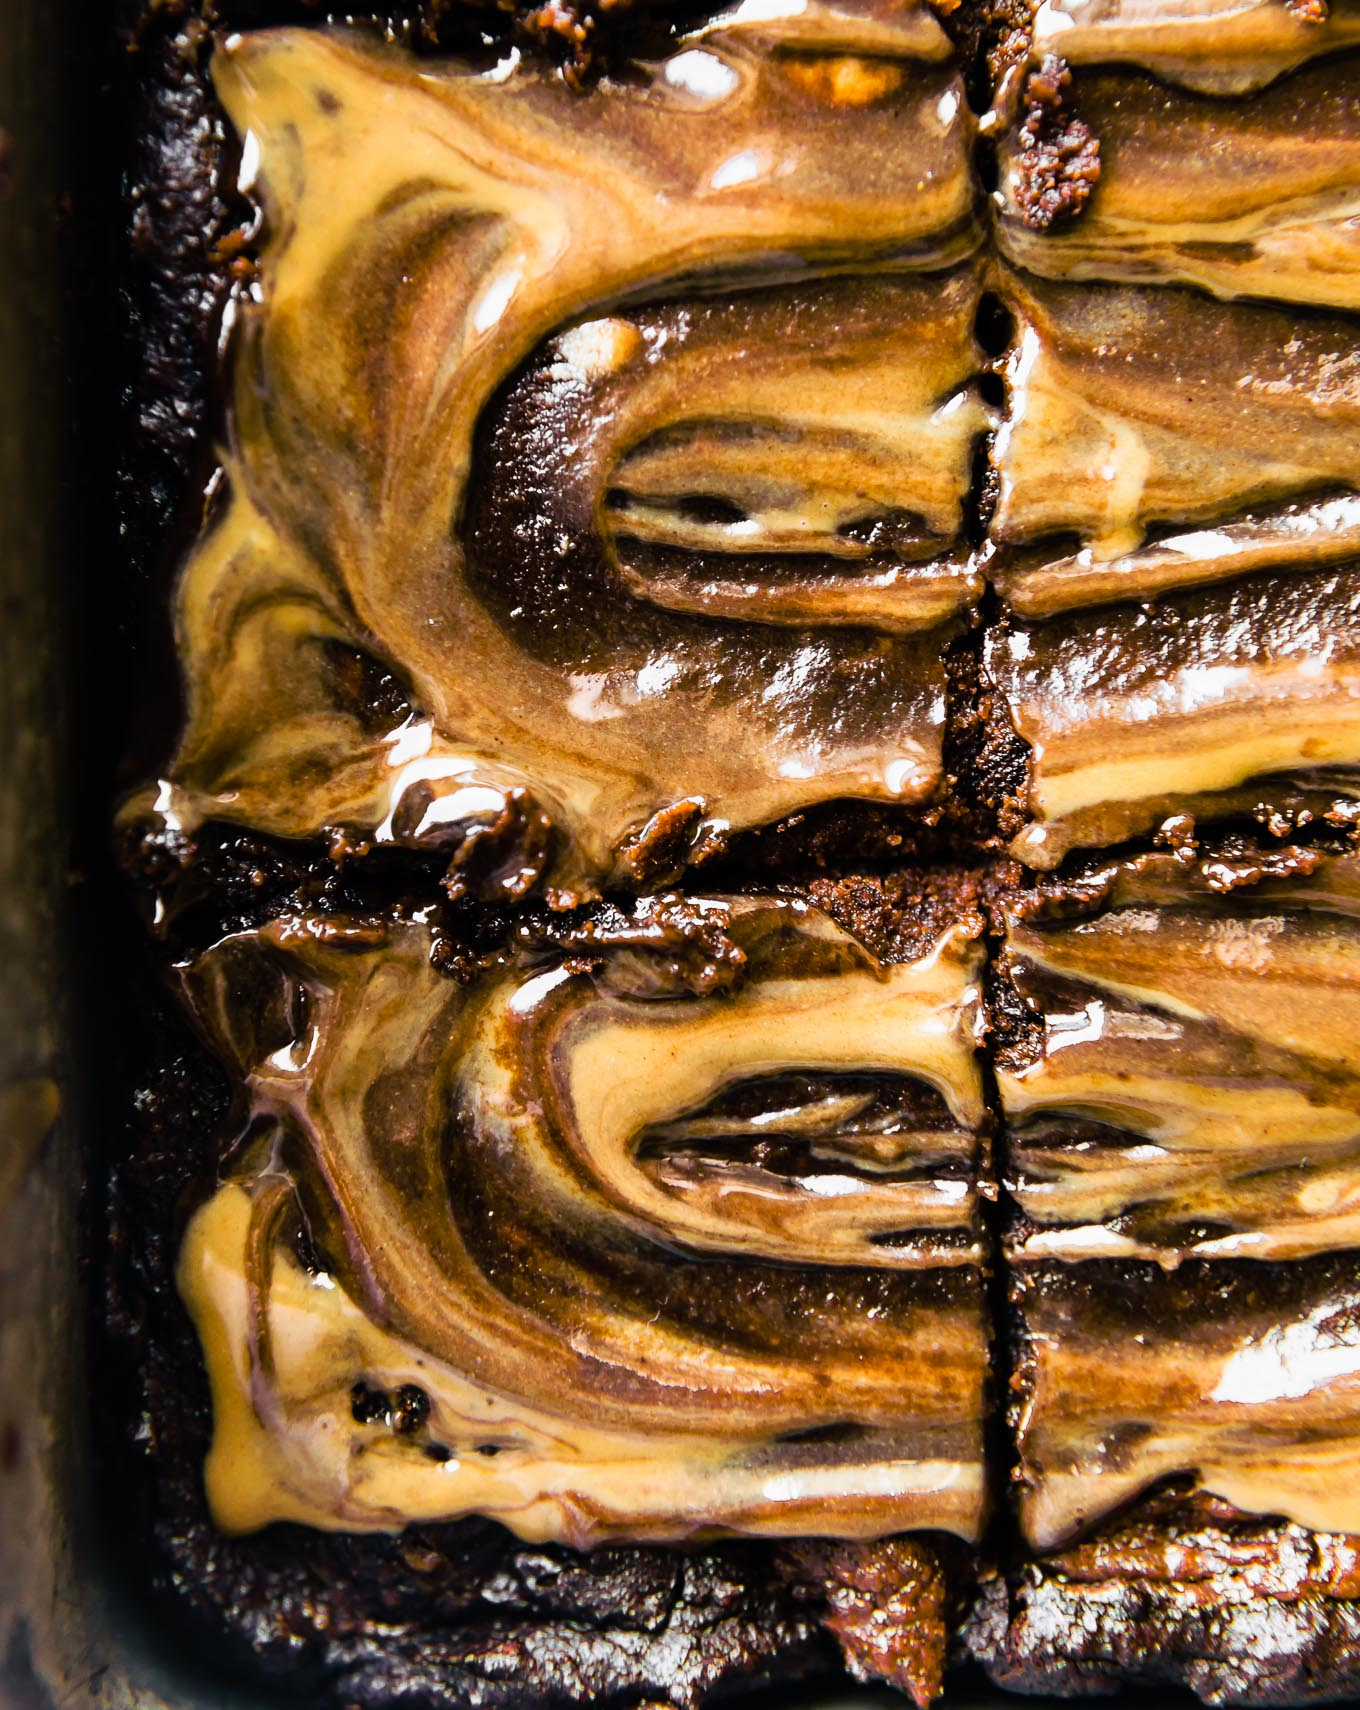 brownies cut in pan